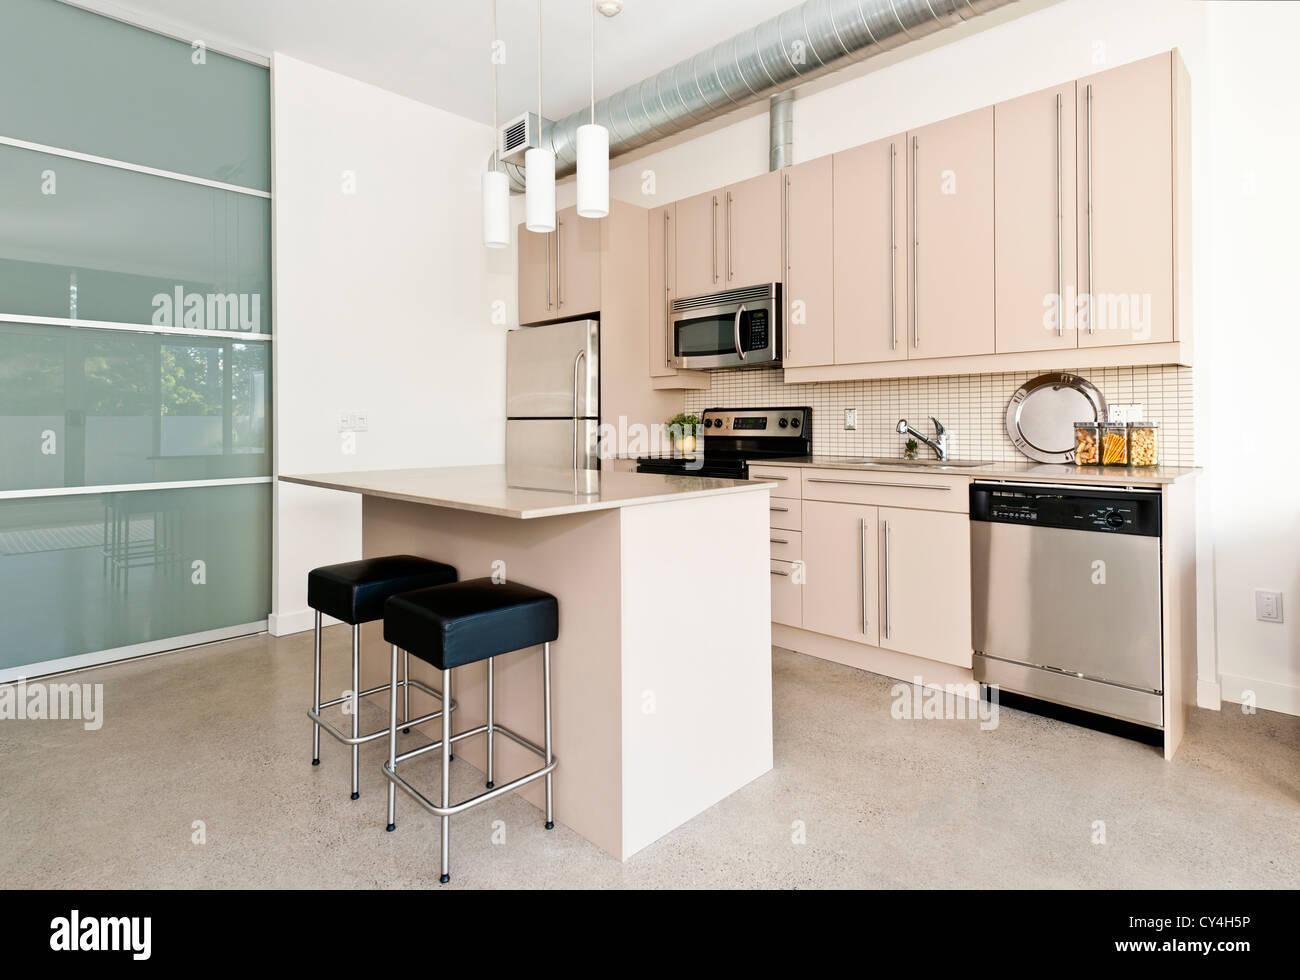 Küche im modernen Loft-Eigentumswohnung mit Insel und Edelstahl ...